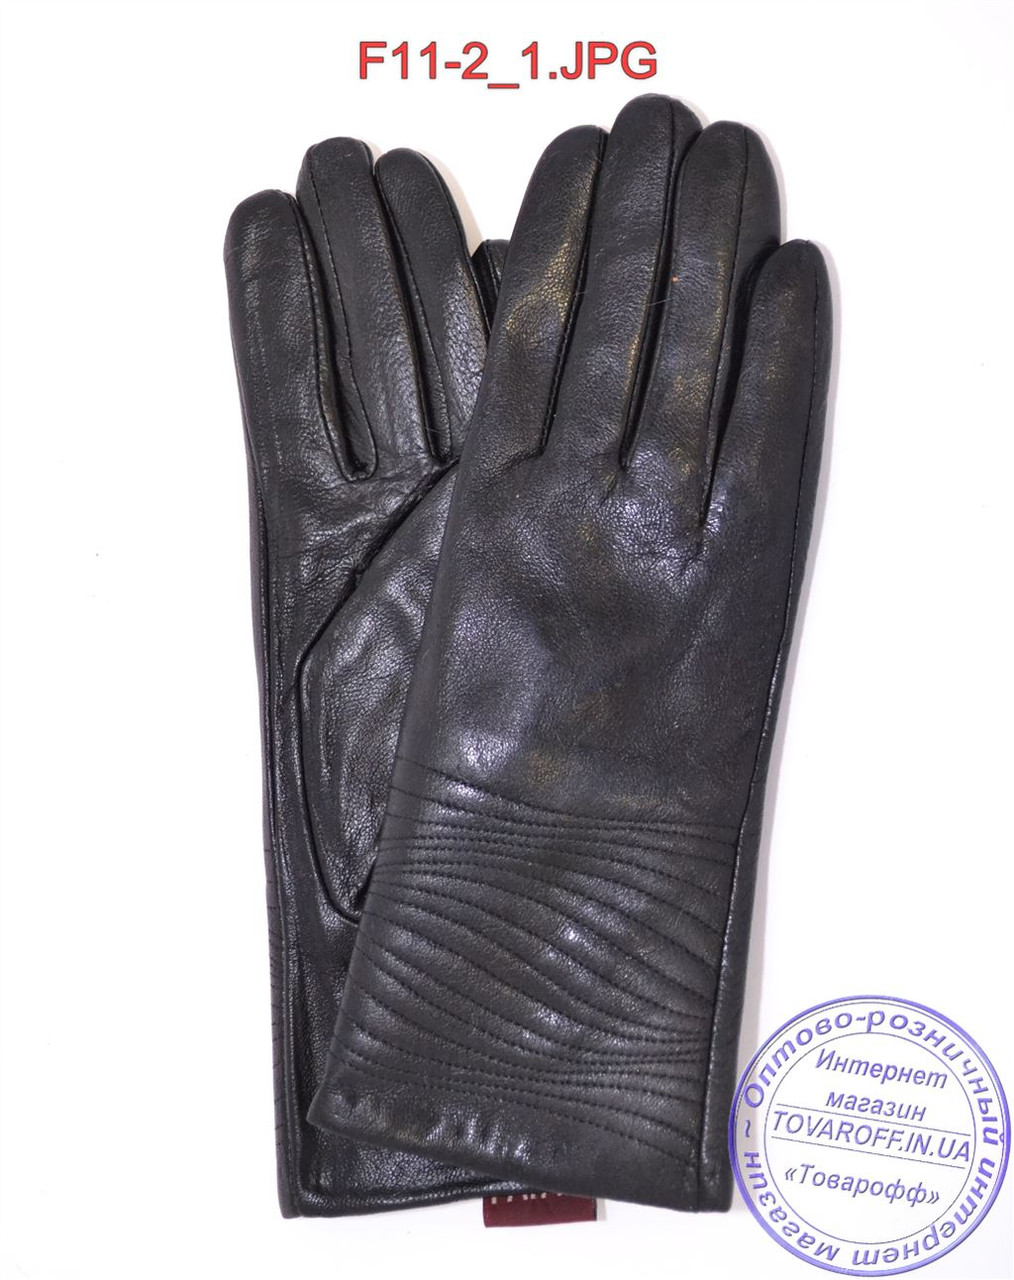 Оптом женские кожаные зимние перчатки на меху кролика (мех искусственный) - F11-2